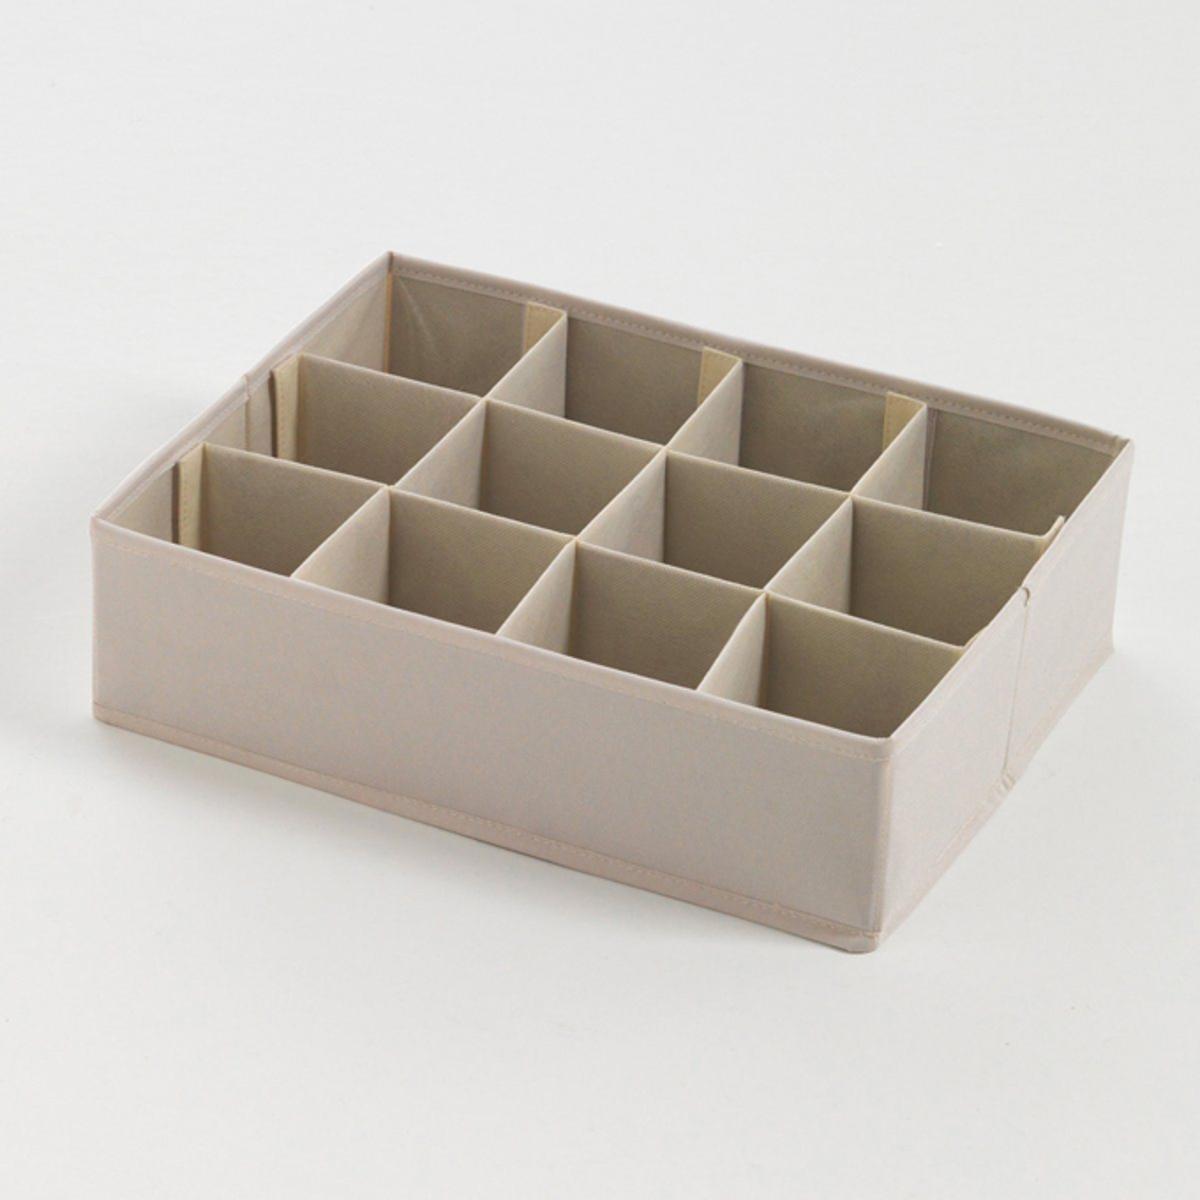 Коробка складная для  хранения вещей, 12 отделенийКоробки для хранения вещей незаменимы для наведения порядка во всем доме: в ванной, спальне или гостиной! Складная коробка для легкого хранения.Характеристики коробки для хранения вещей :- Из твердого картона, покрытого полиэстером, цвет экрю.Описание коробки для хранения вещей :- 12 отделений для хранения нижнего белья, носков, ремней, украшений... Коробка поставляется готовой к сборке, инструкция прилагается.Размеры :- Общие : Ш.,5 x В.8 x Г.8,5 см- Внутренние размеры: Ш.8,5 x В.8 x Г.8,5 см.<br><br>Цвет: серо-коричневый каштан